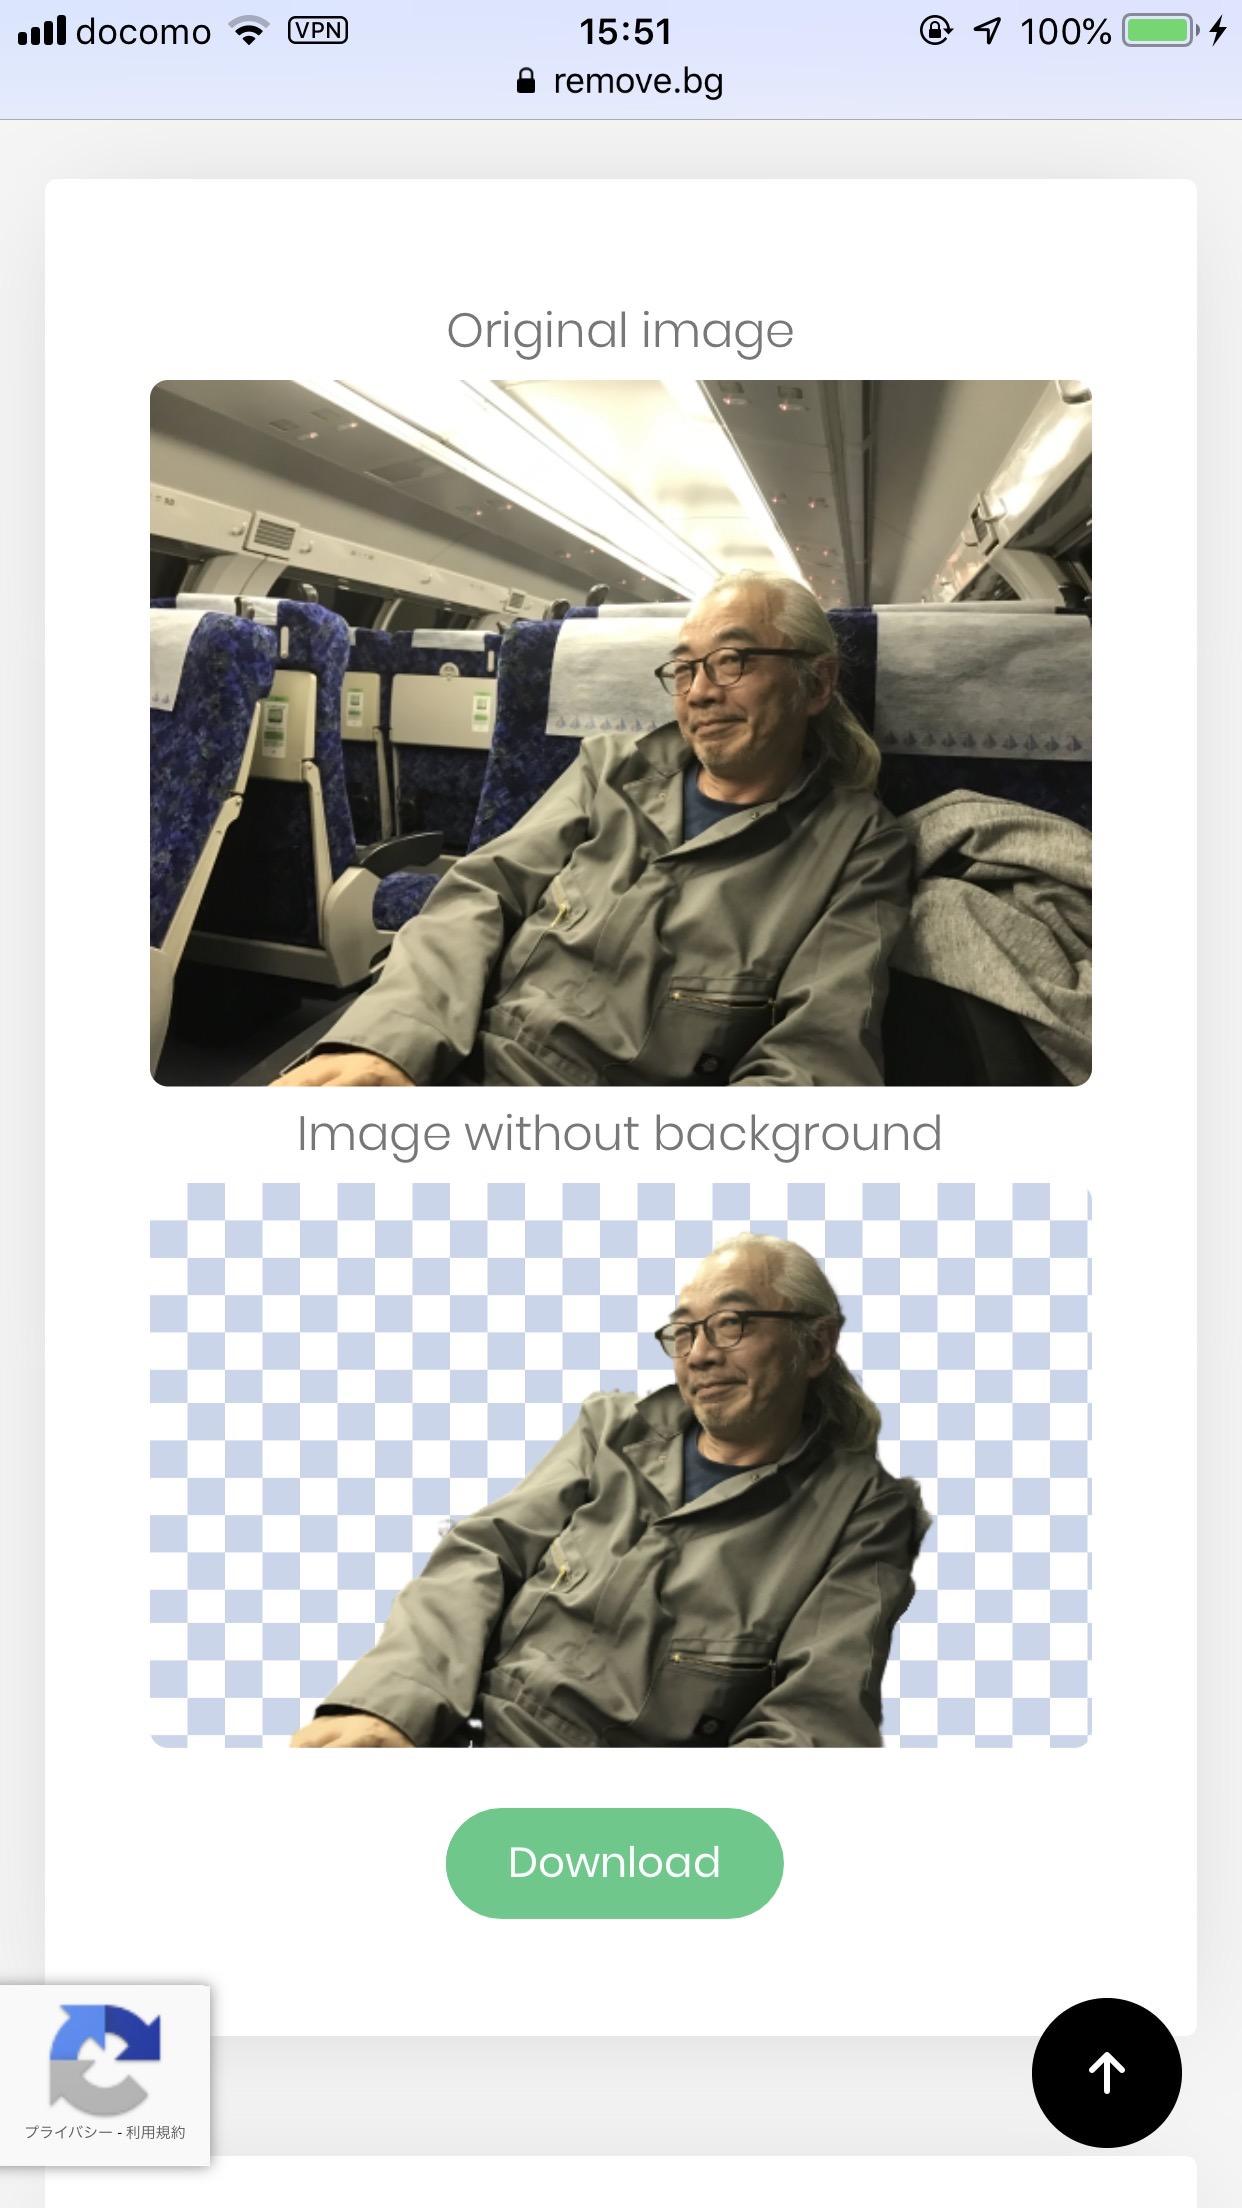 人物写真の背景を自動でサクッと抜く「remove.bg」